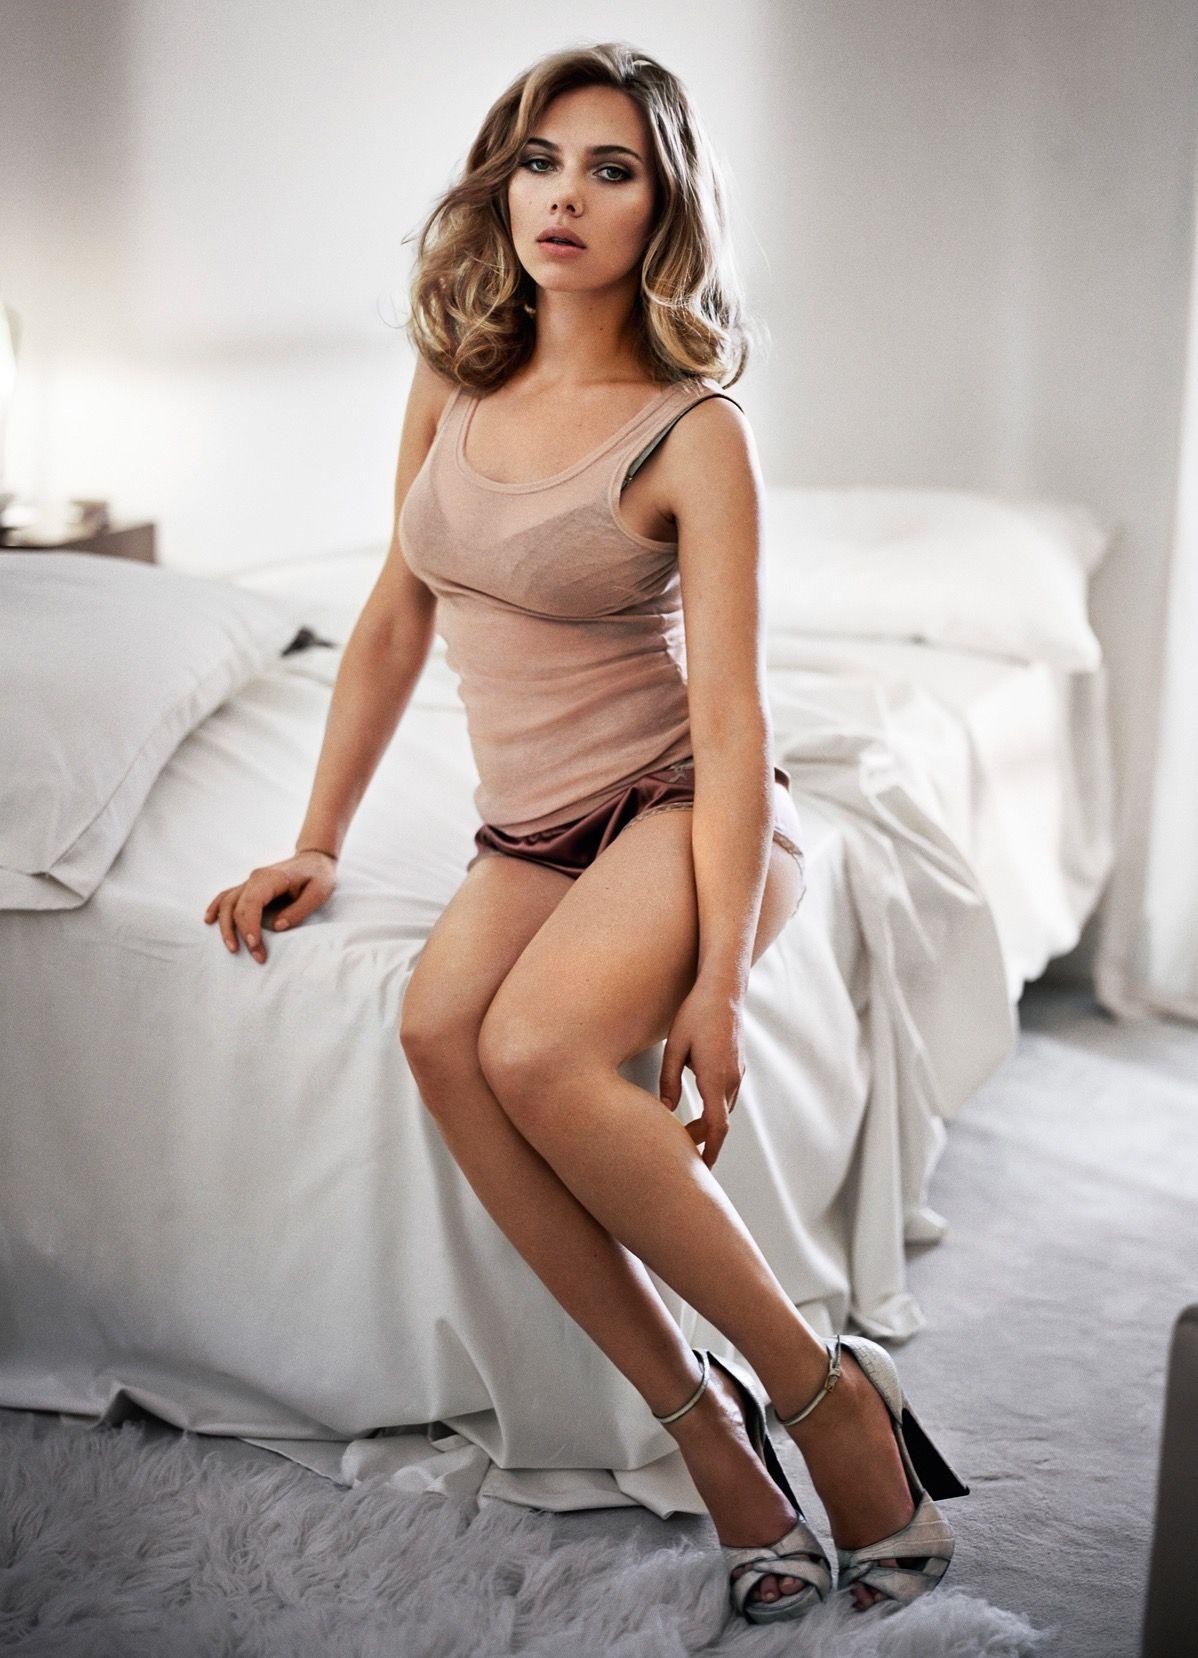 ценное красивые порно сцены просто отличный